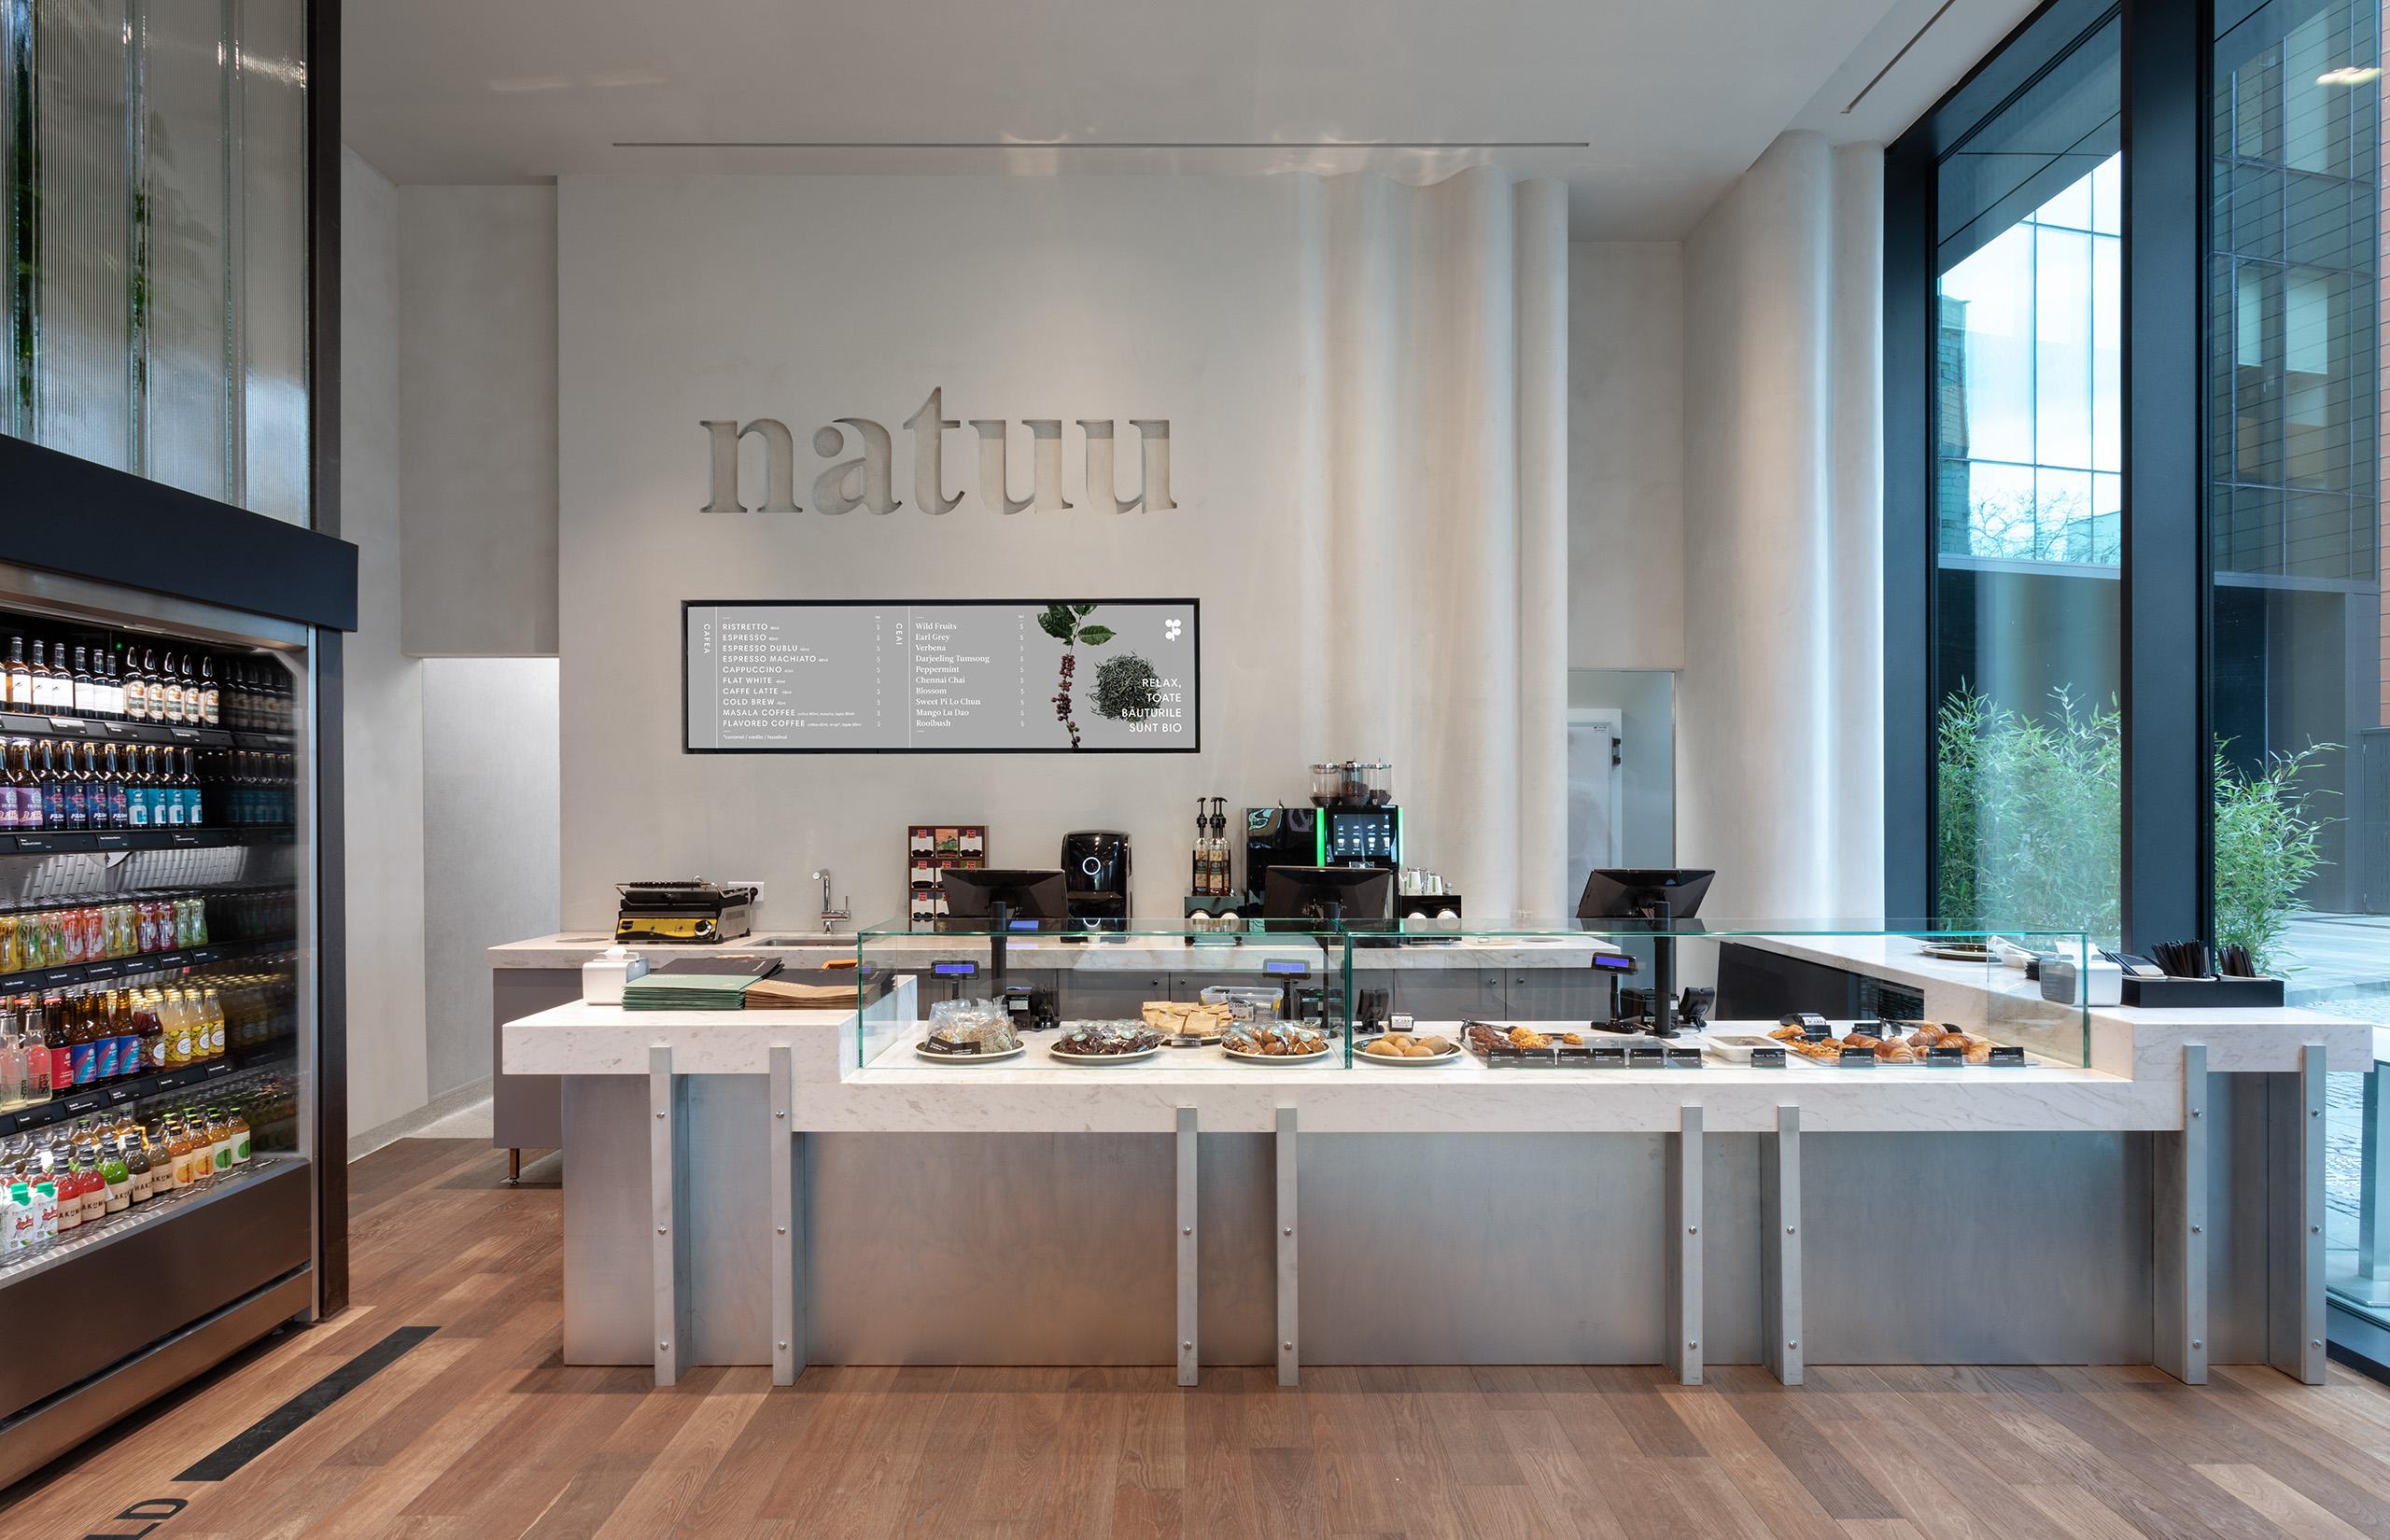 Natuu-15